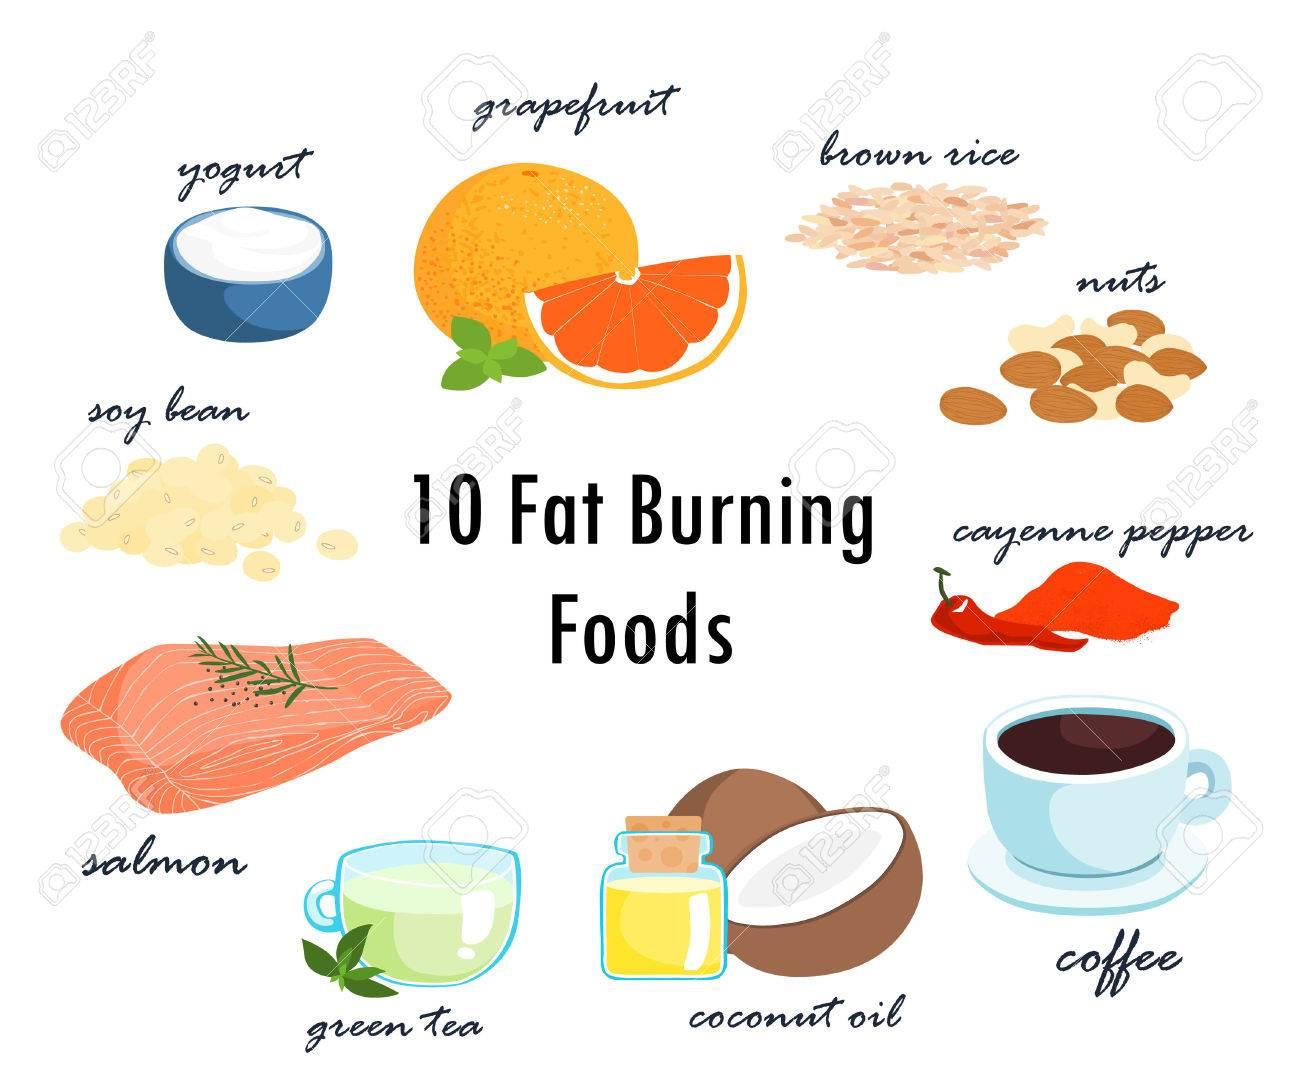 Die meisten Lebensmittel können Fettverbrennung Top-Ten-Artikel  Vektor-Illustration